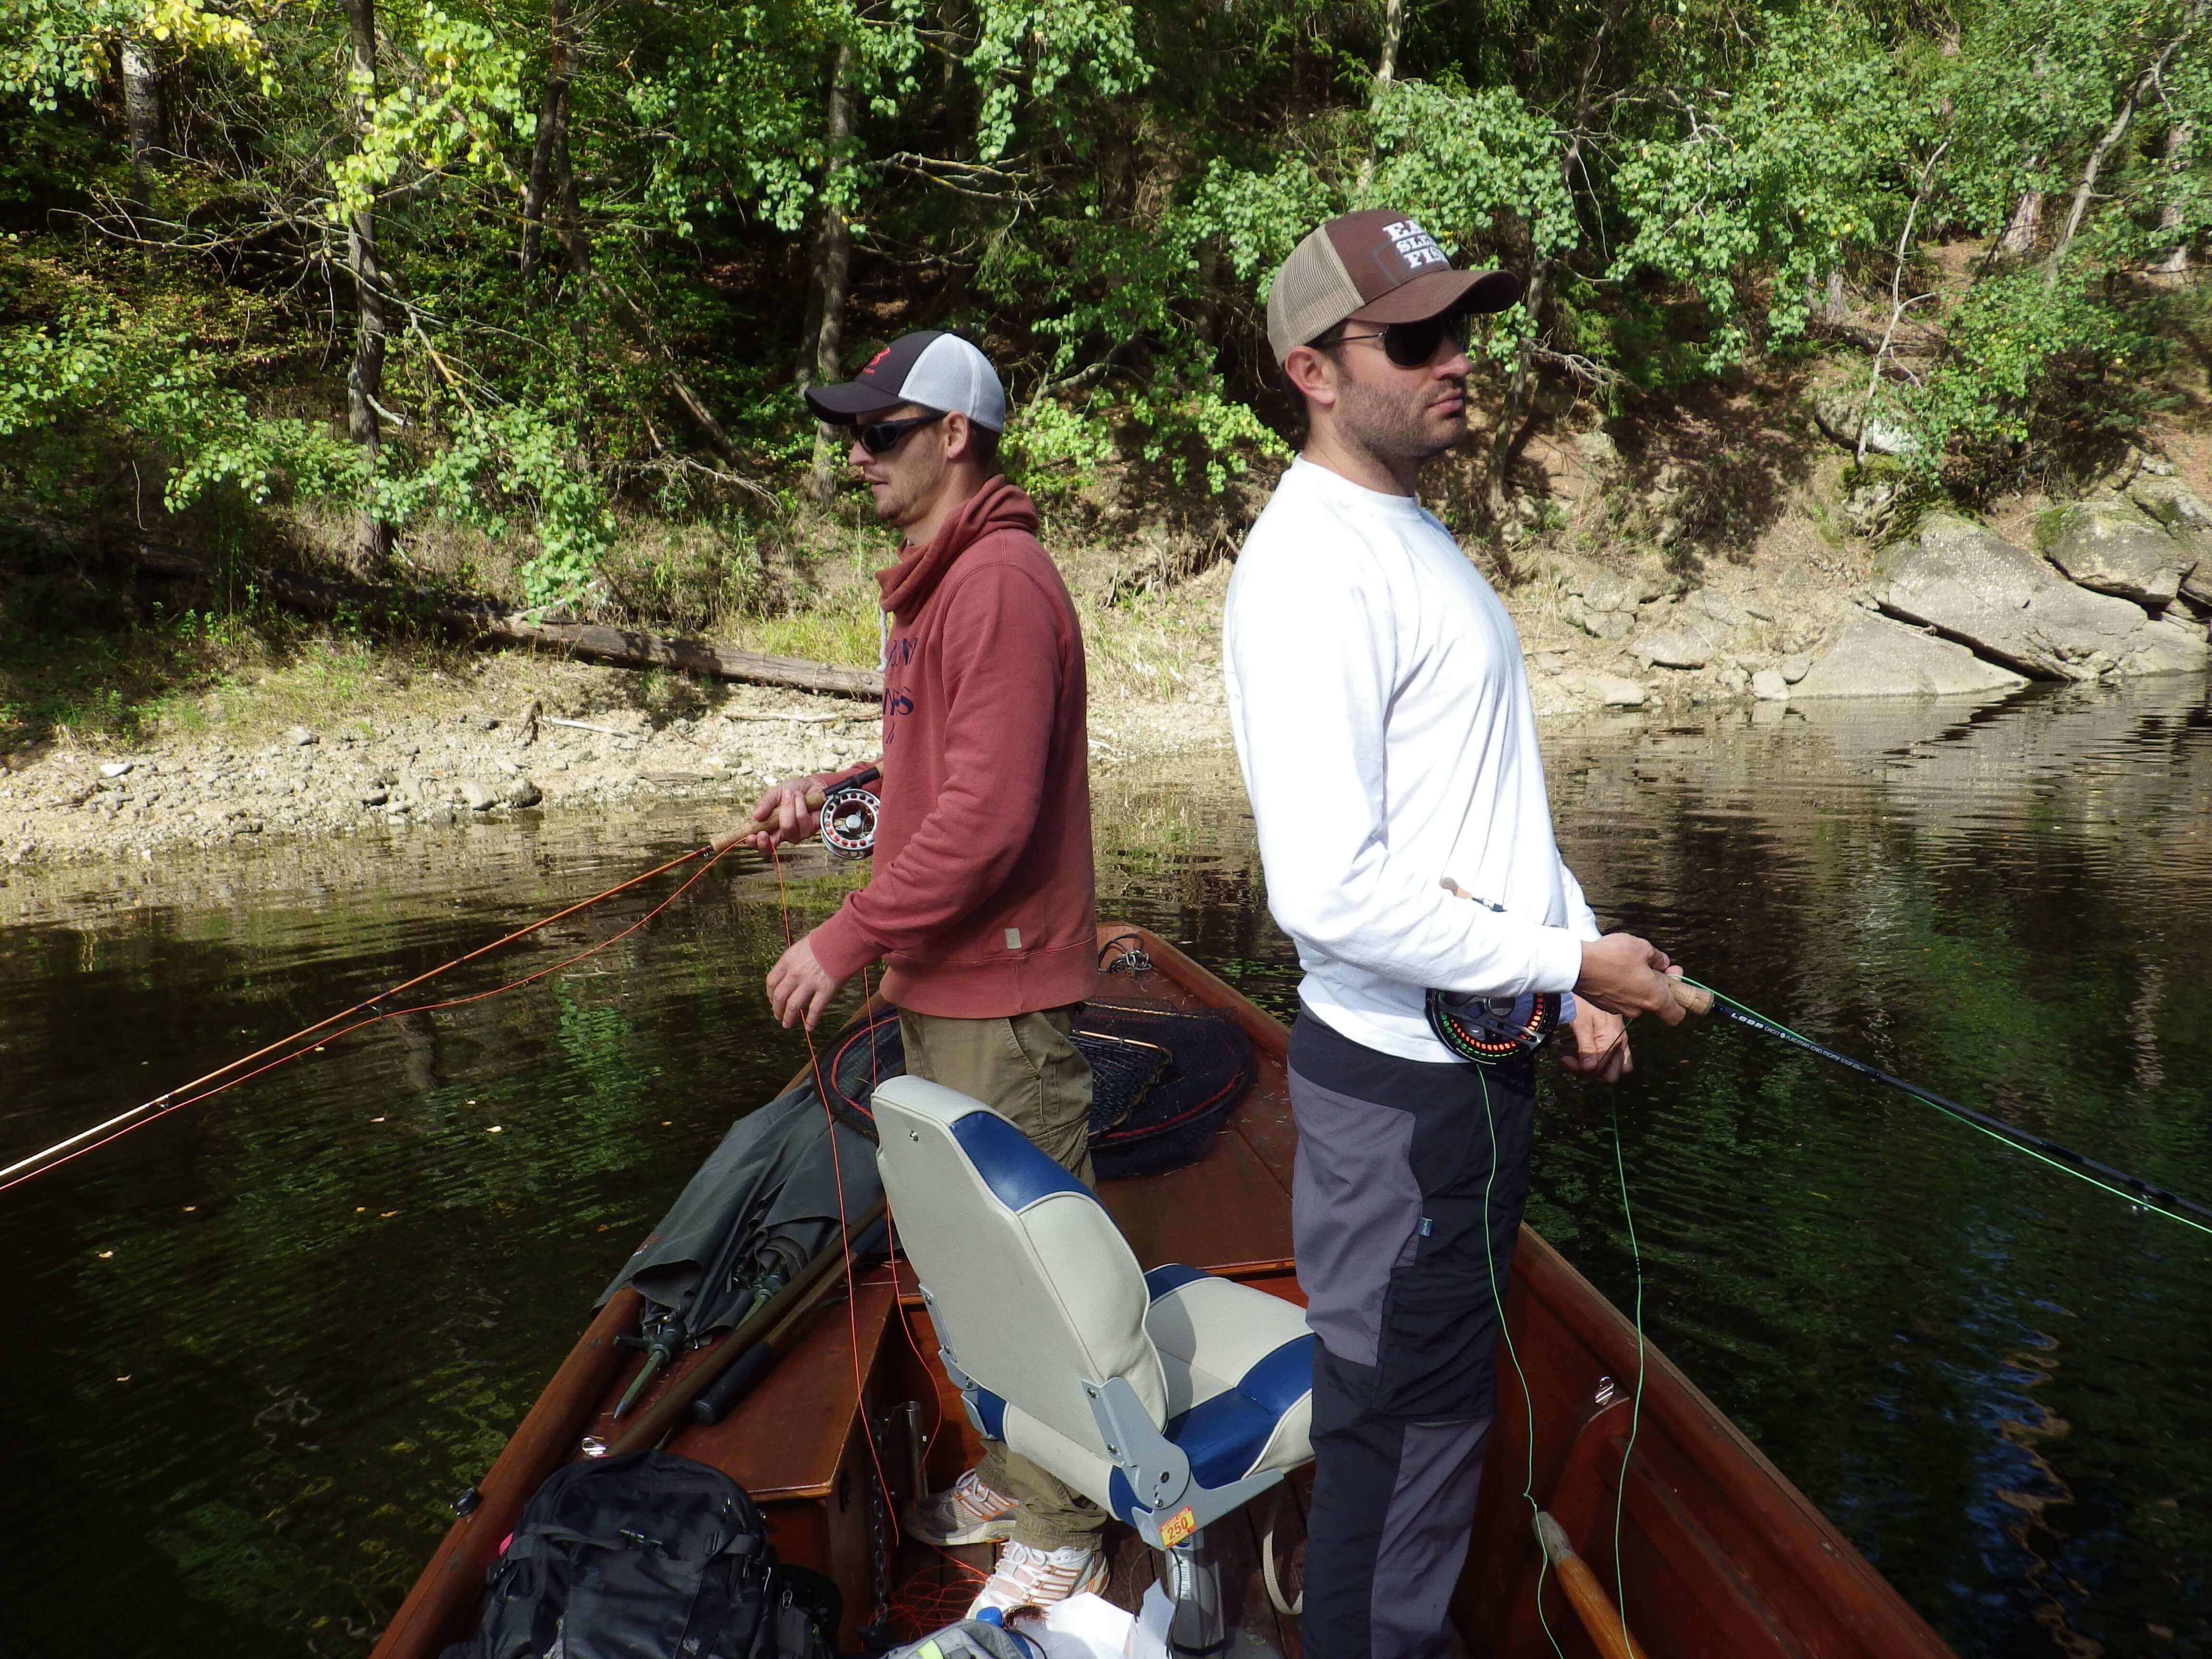 Zwei Angler auf einem Bott am angeln.